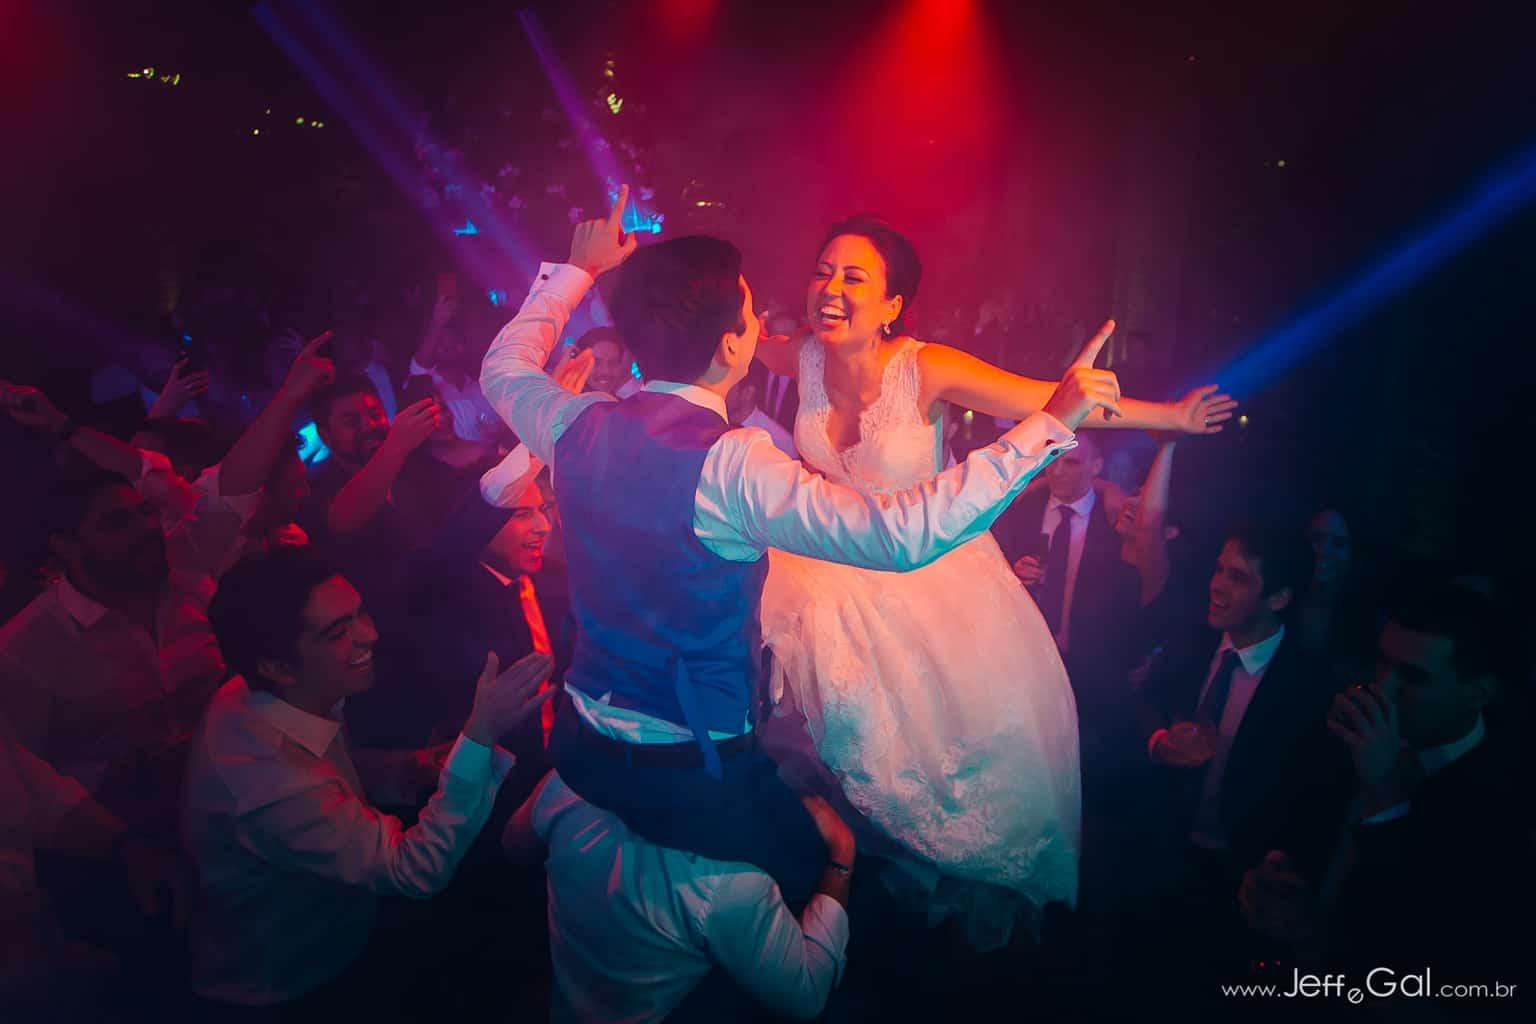 casamento-Beth-e-Daniel-festa-de-casamento63